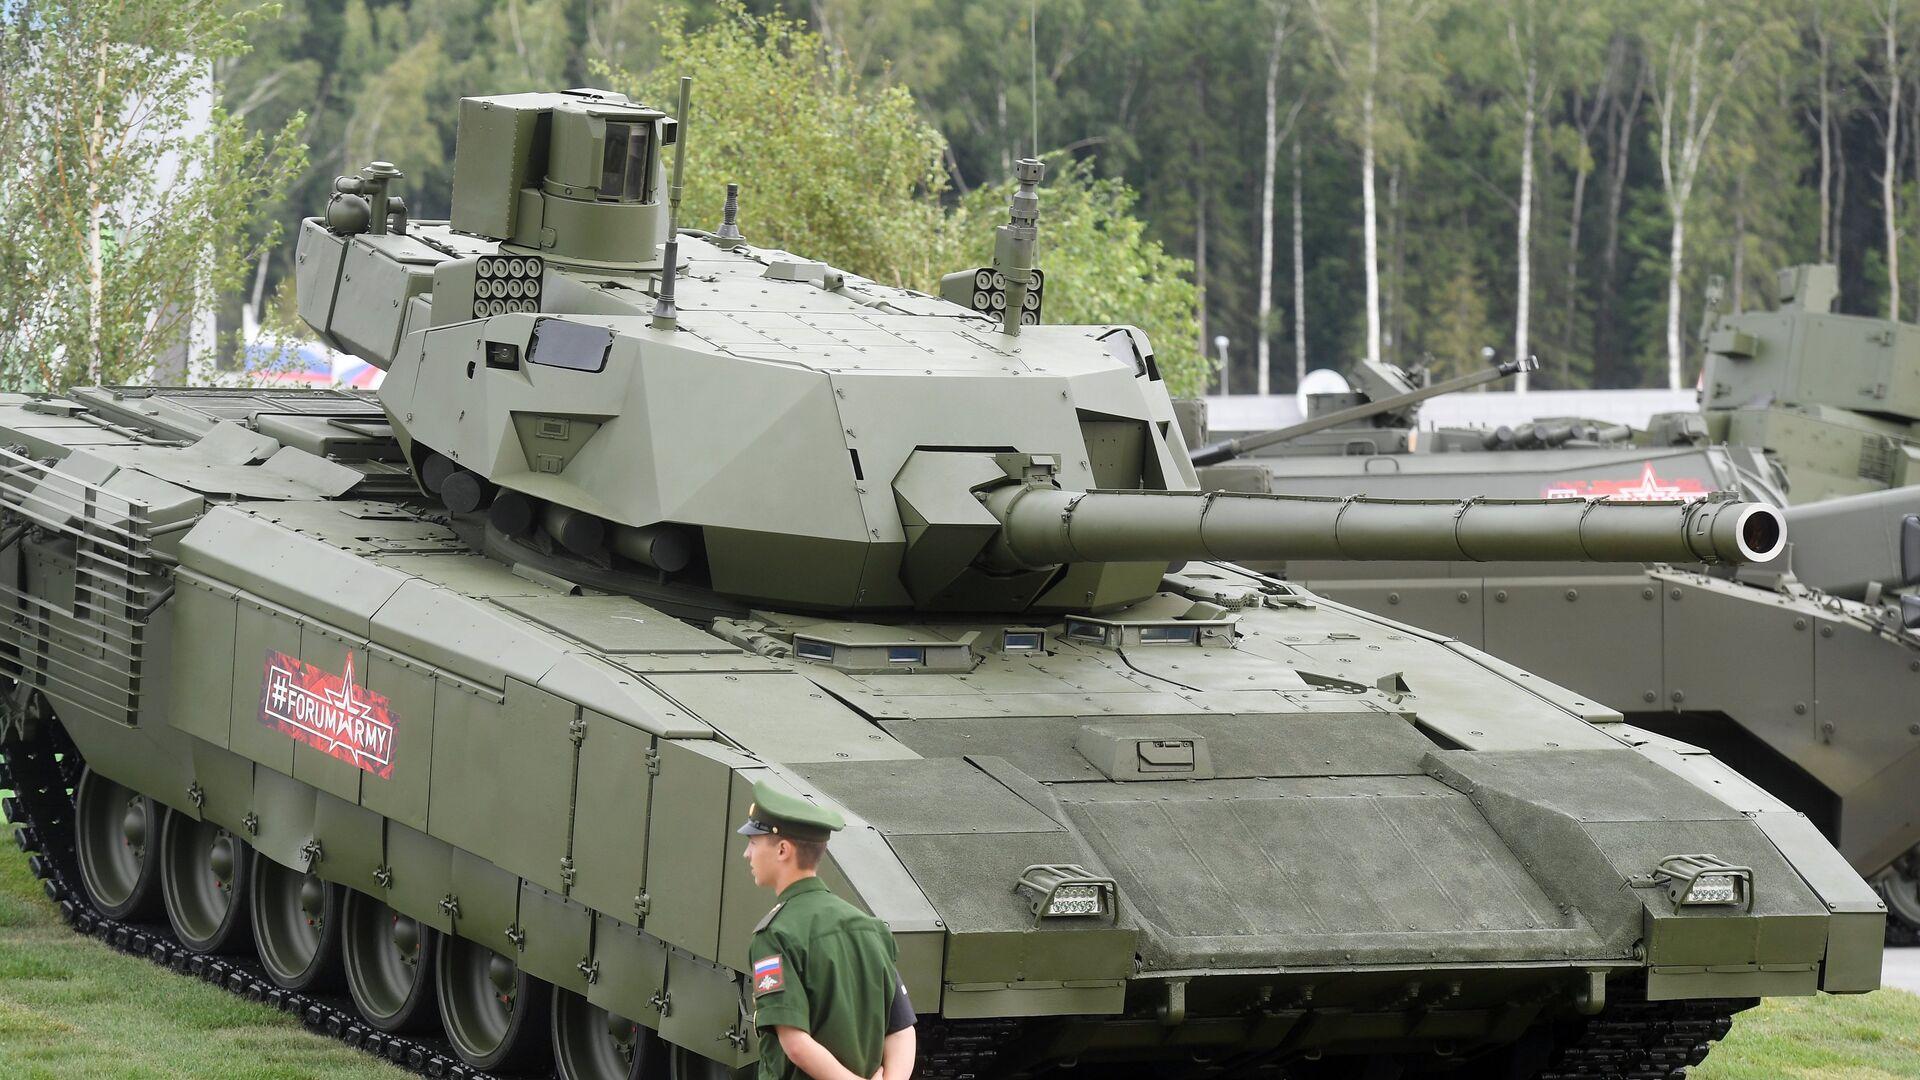 Танк Т-14 Армата на форуме Армия-2018 - РИА Новости, 1920, 28.10.2018